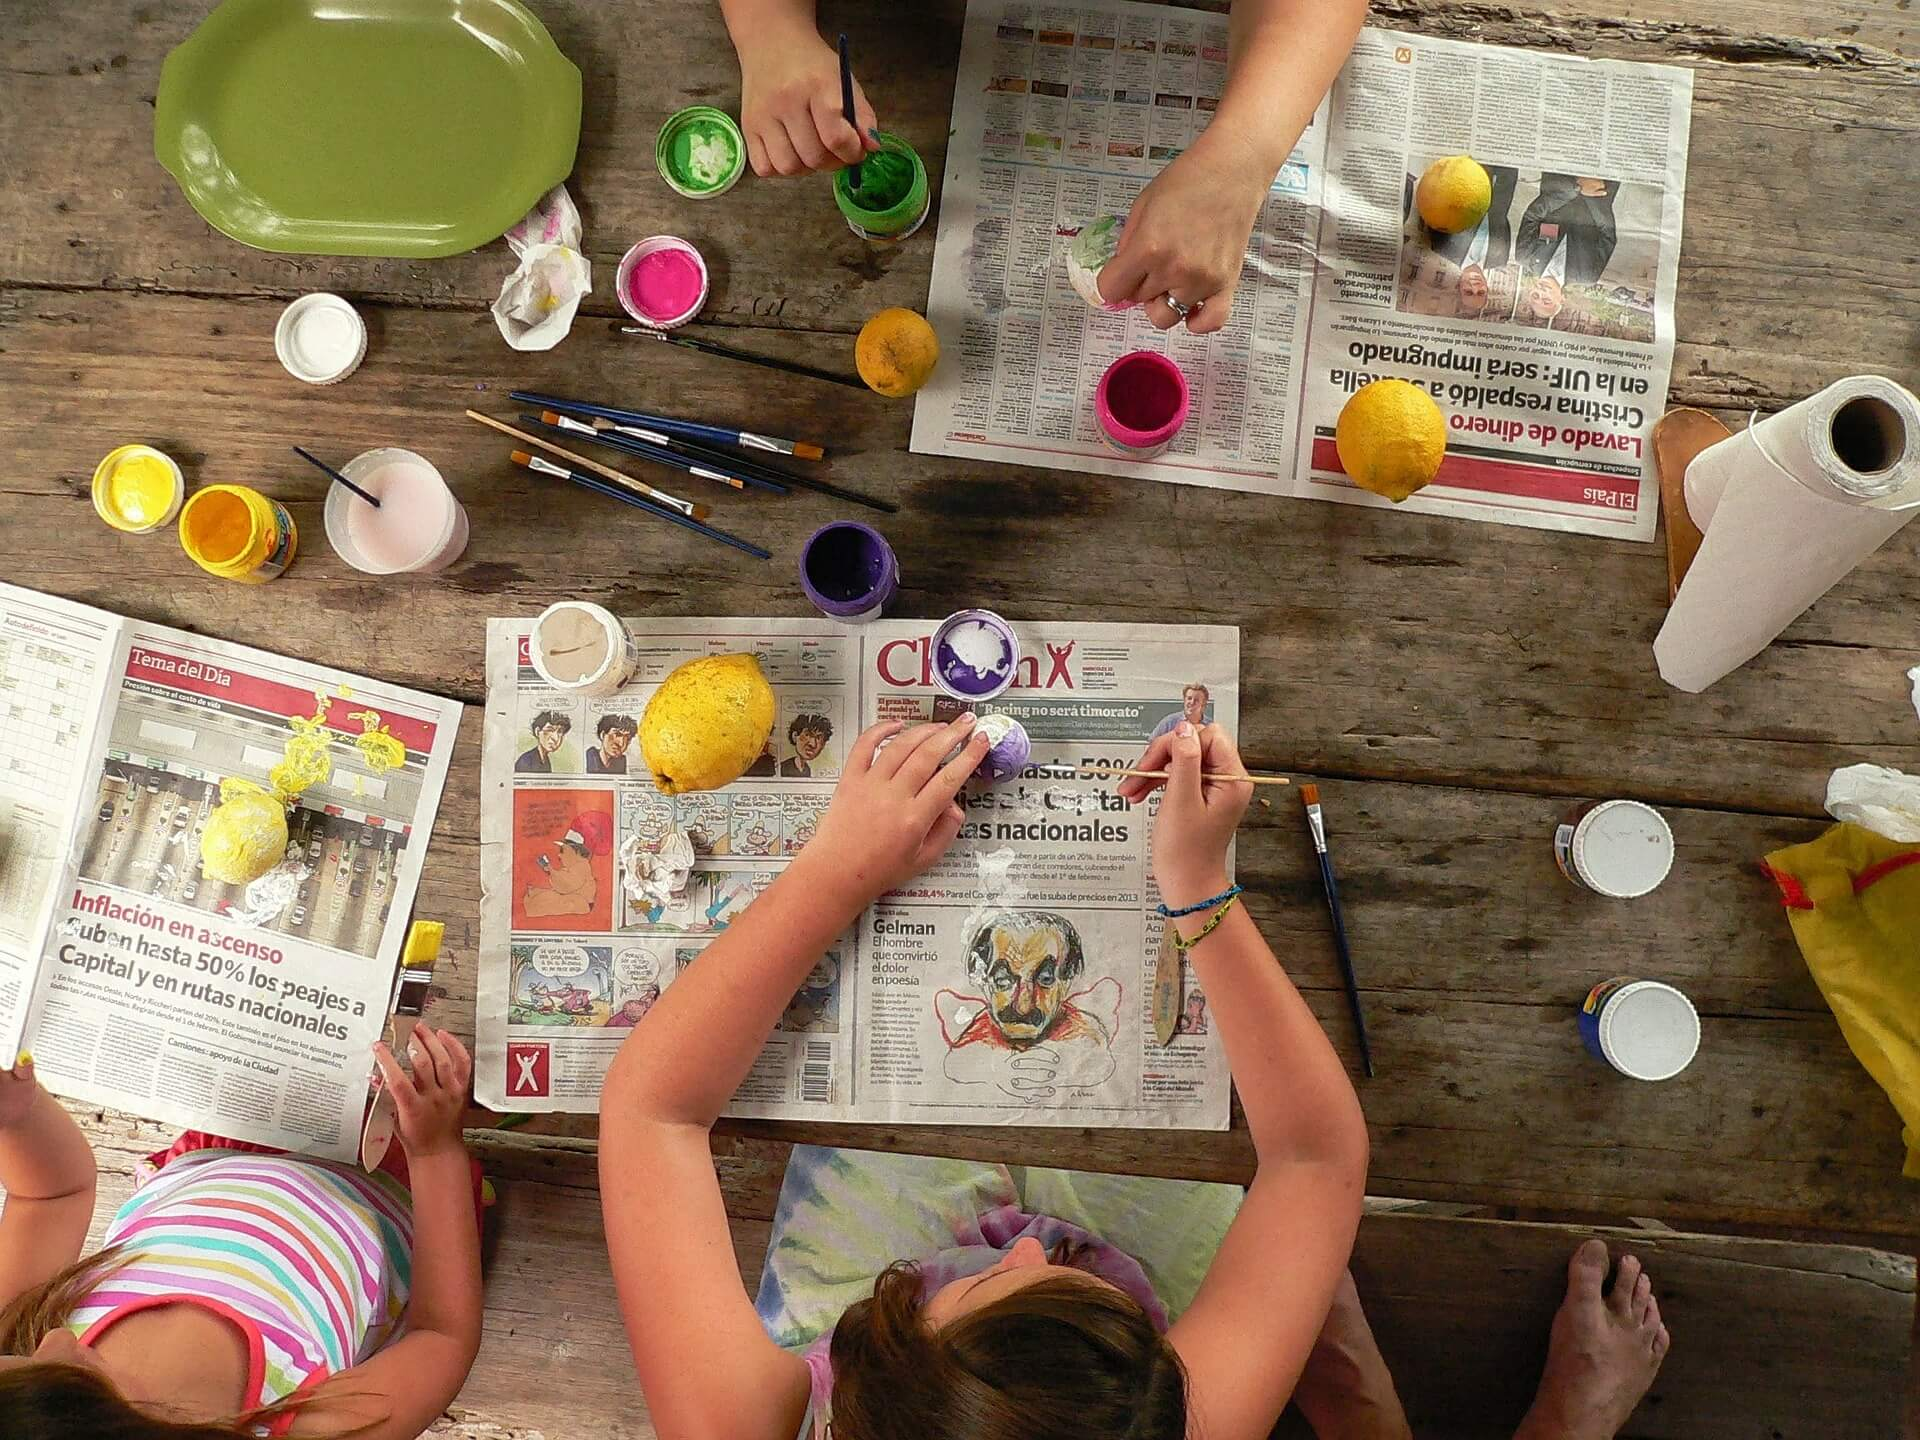 Niños pintando y haciendo sus manualidades.